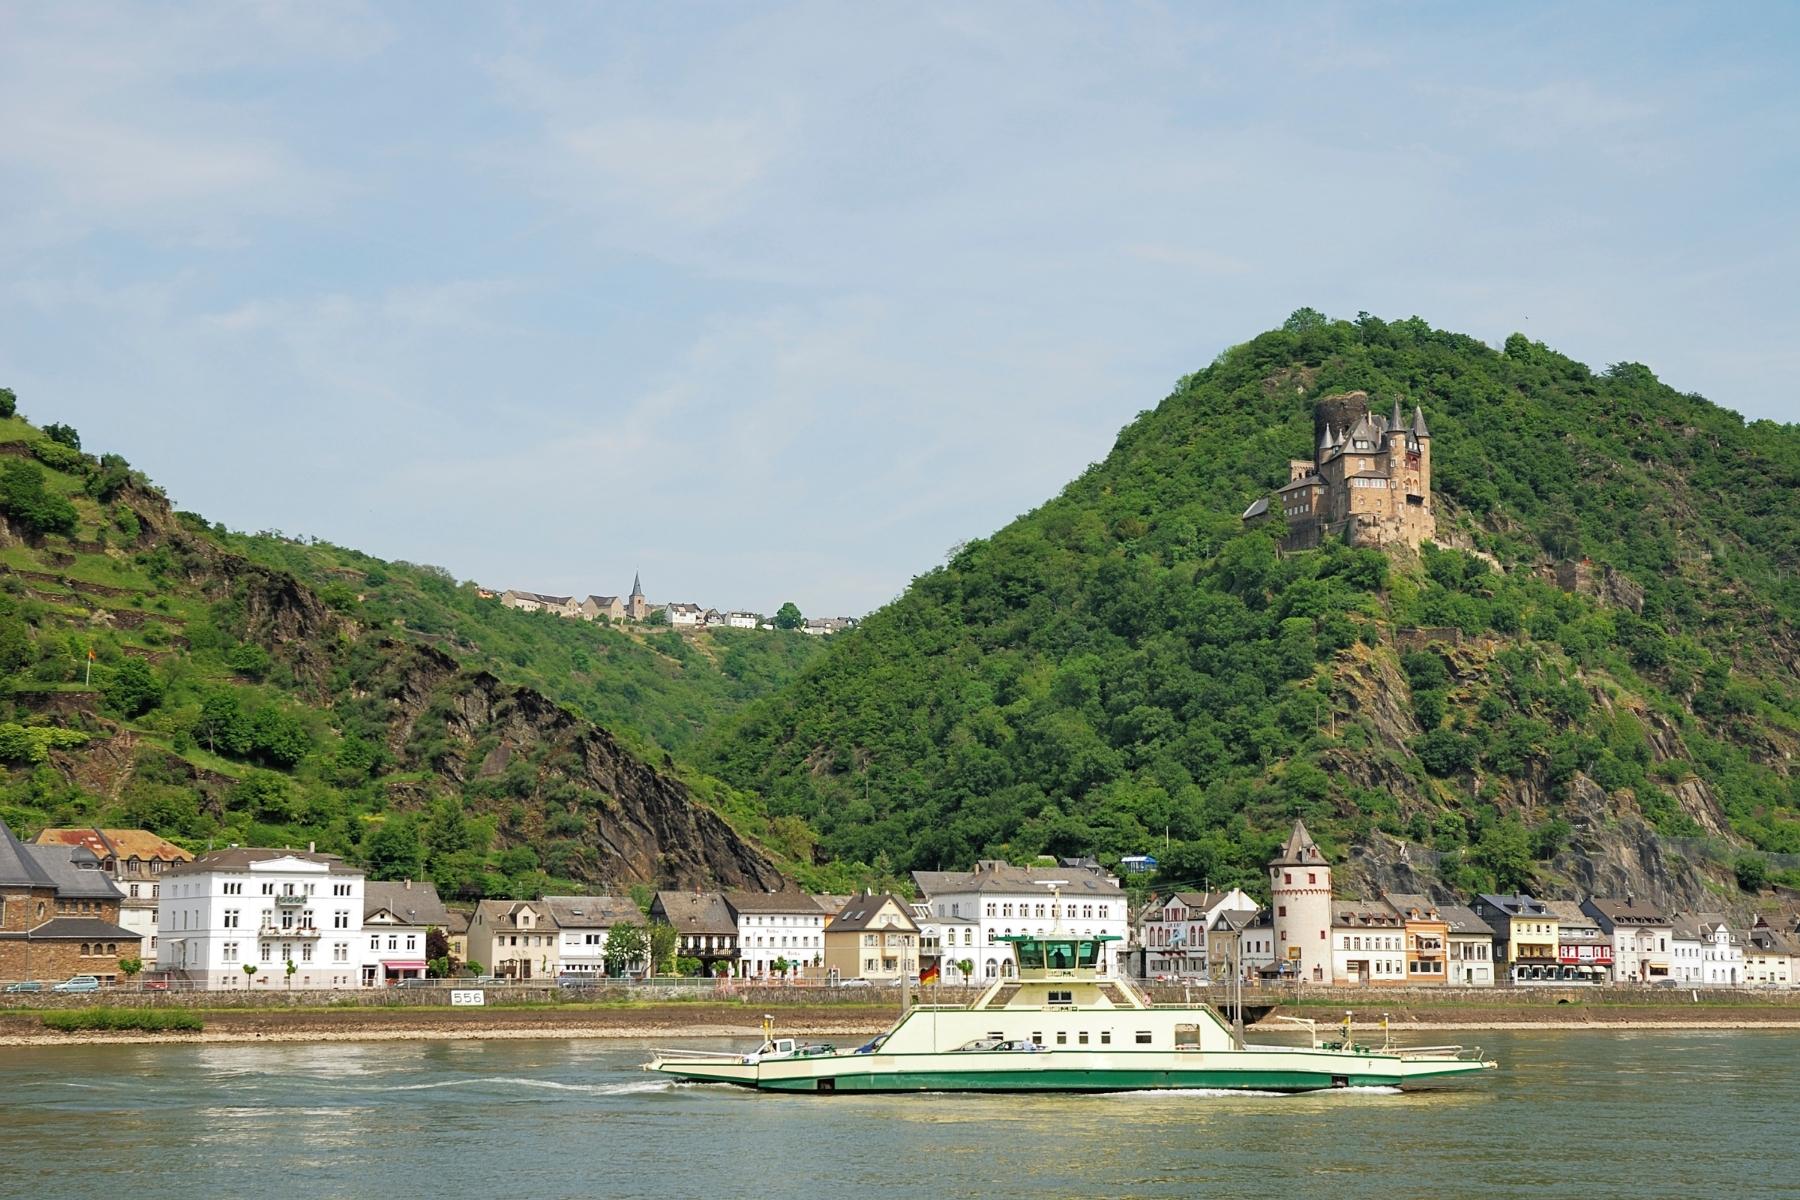 Castelul Burg Katz